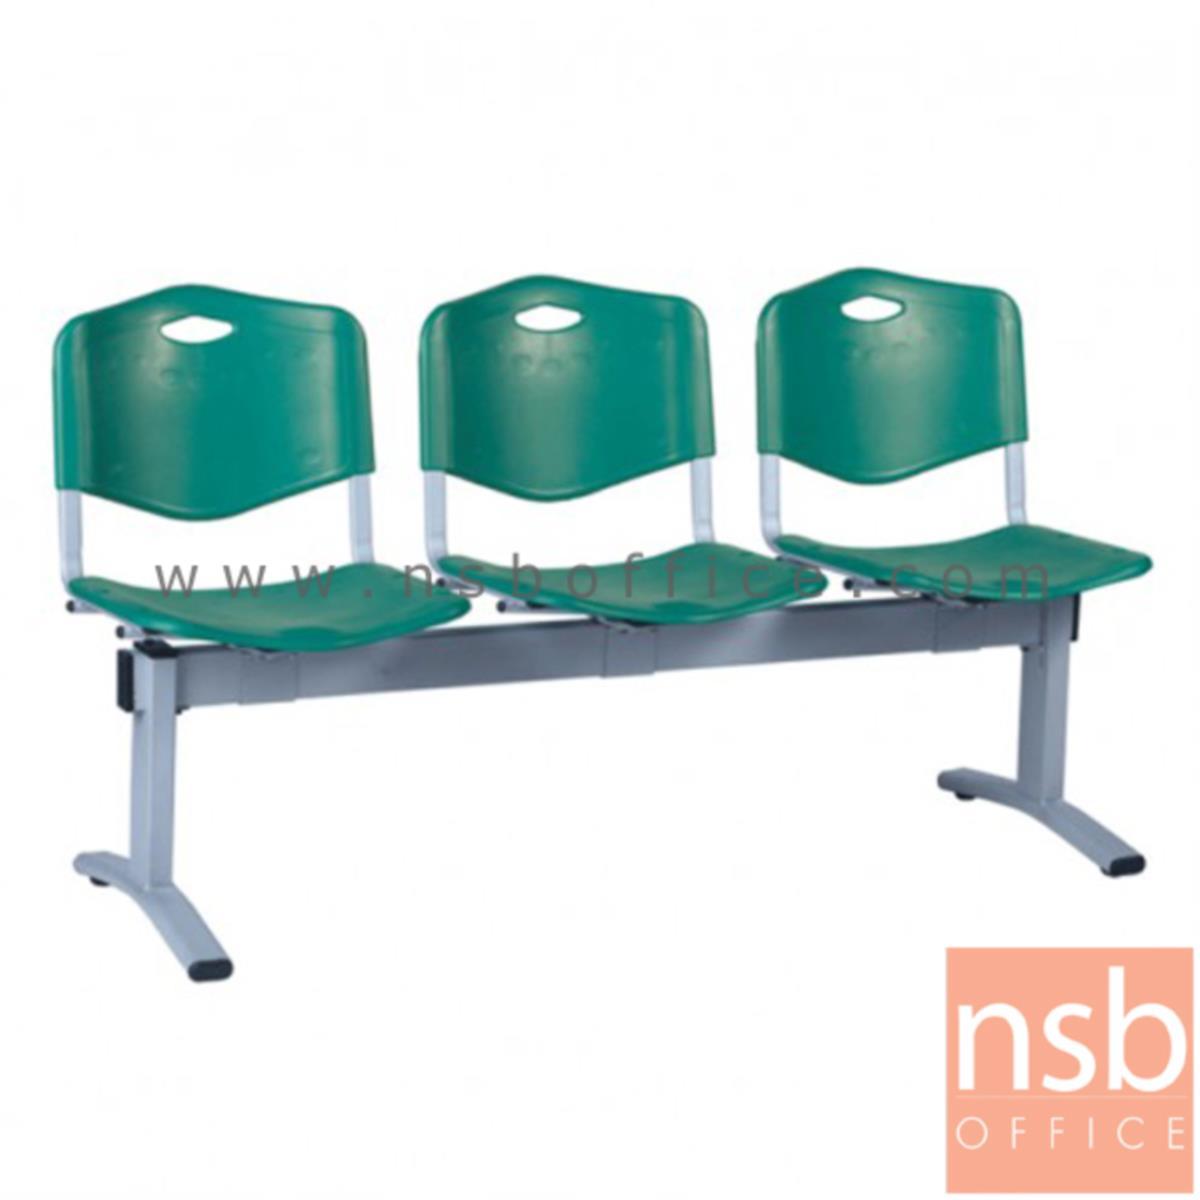 B06A070:เก้าอี้นั่งคอยเฟรมโพลี่ รุ่น B908 2 ,3 ,4 ที่นั่ง ขนาด 99W ,152W ,205W cm. ขาเหล็ก